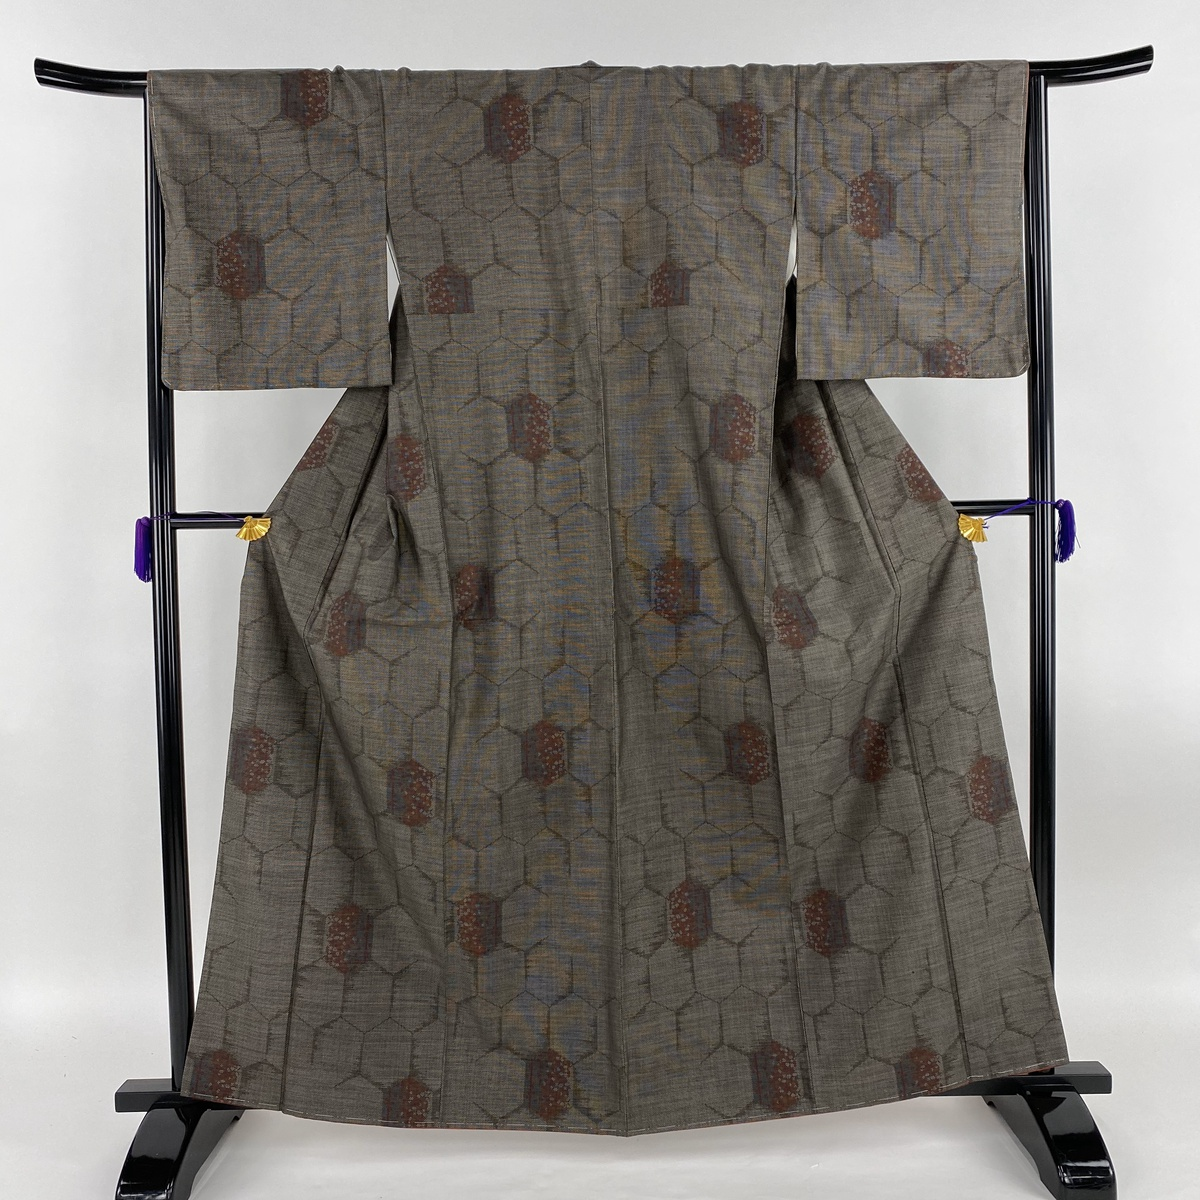 大島紬 美品 名品 亀甲 幾何学模様 焦茶色 袷 身丈162.5cm 裄丈66cm M 正絹 【中古】